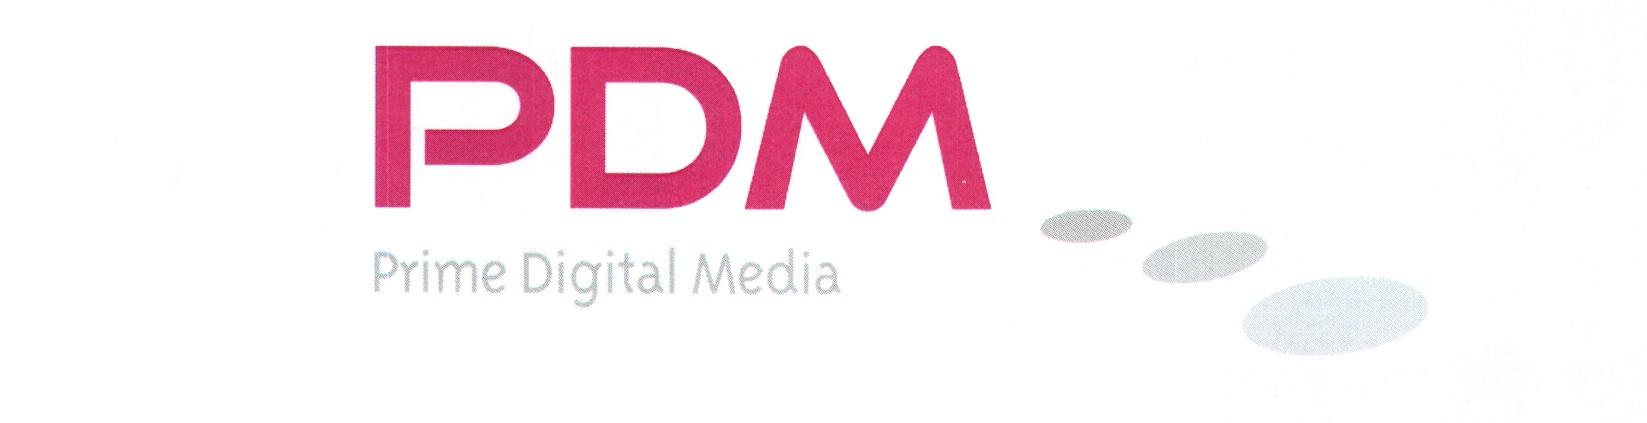 Prime Digital Media